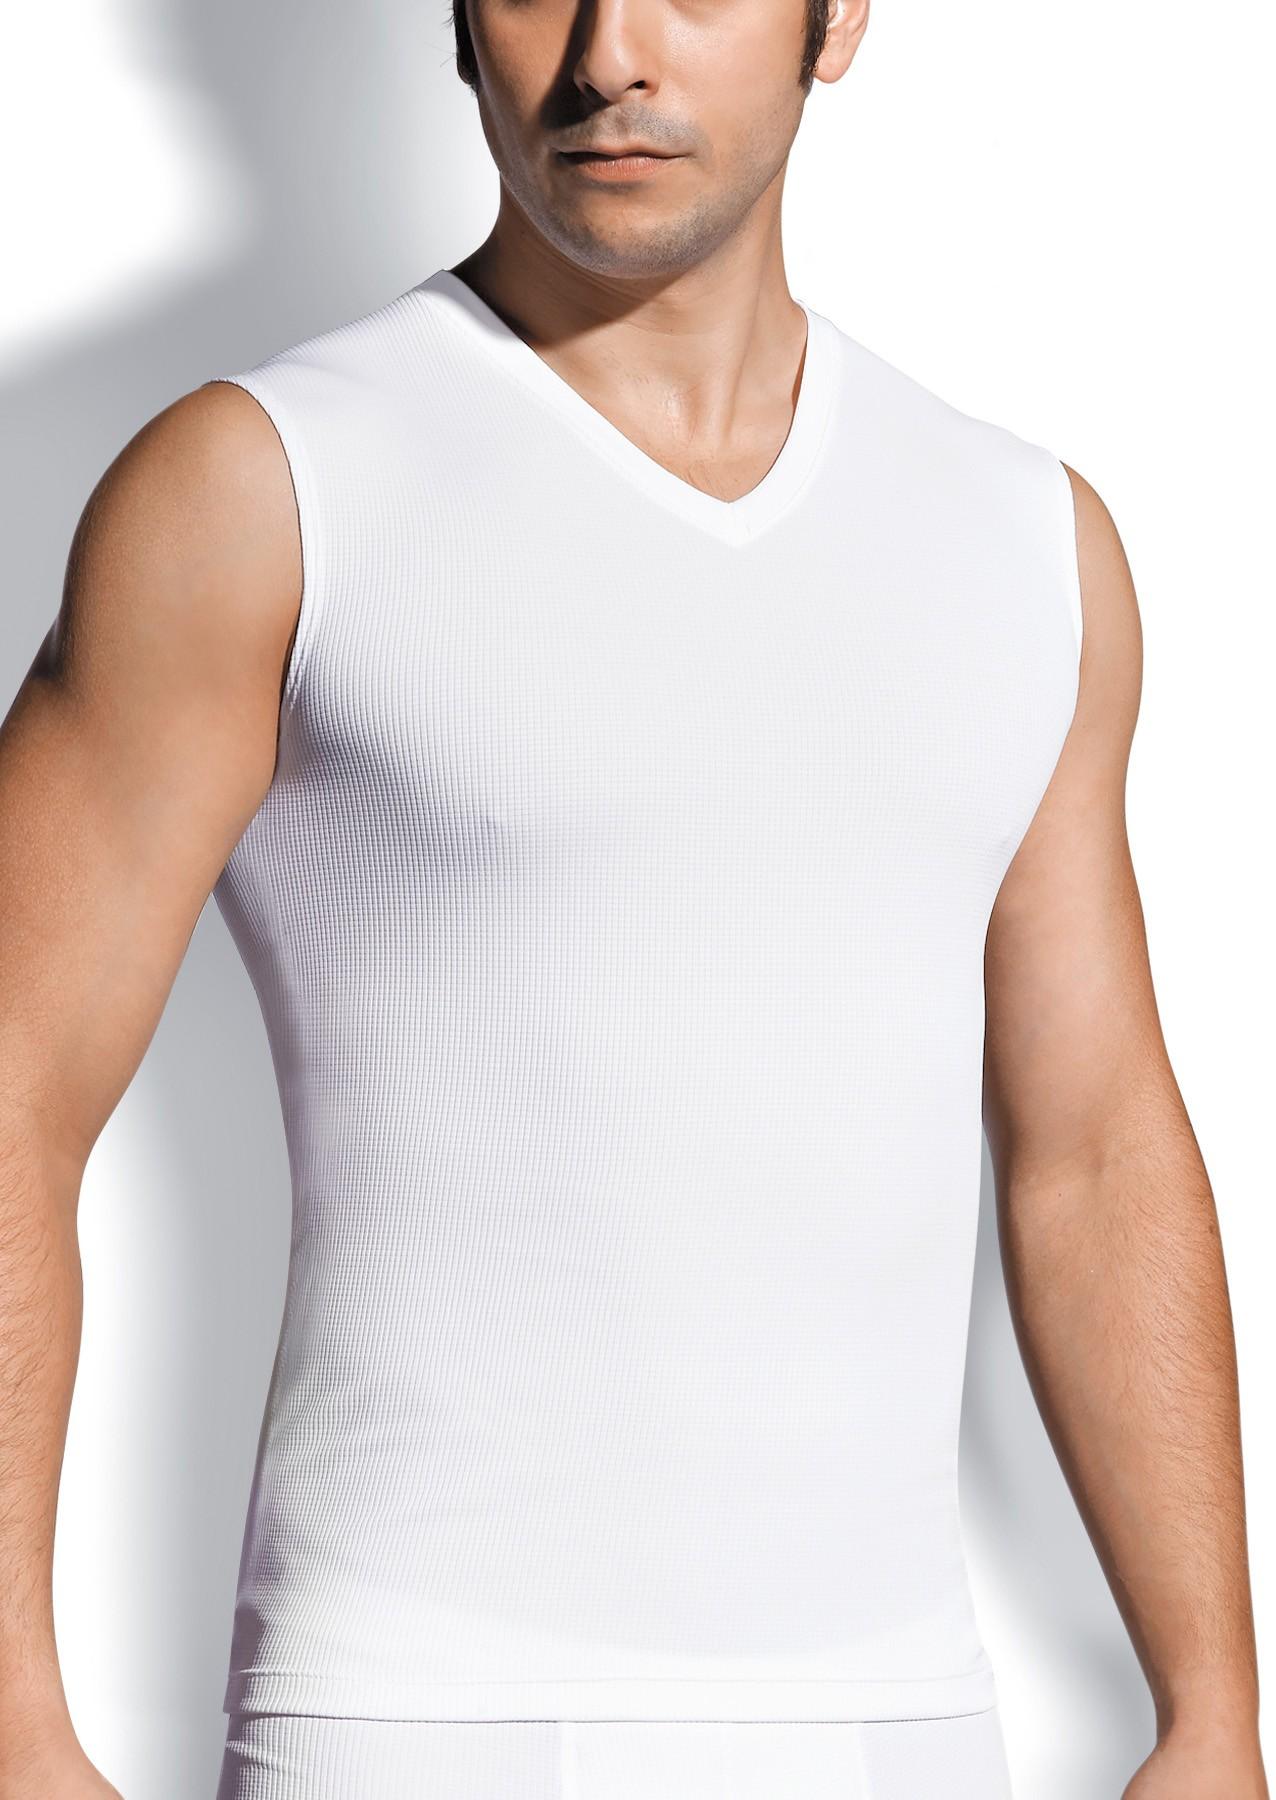 Gatta Capilar Between-Shirt